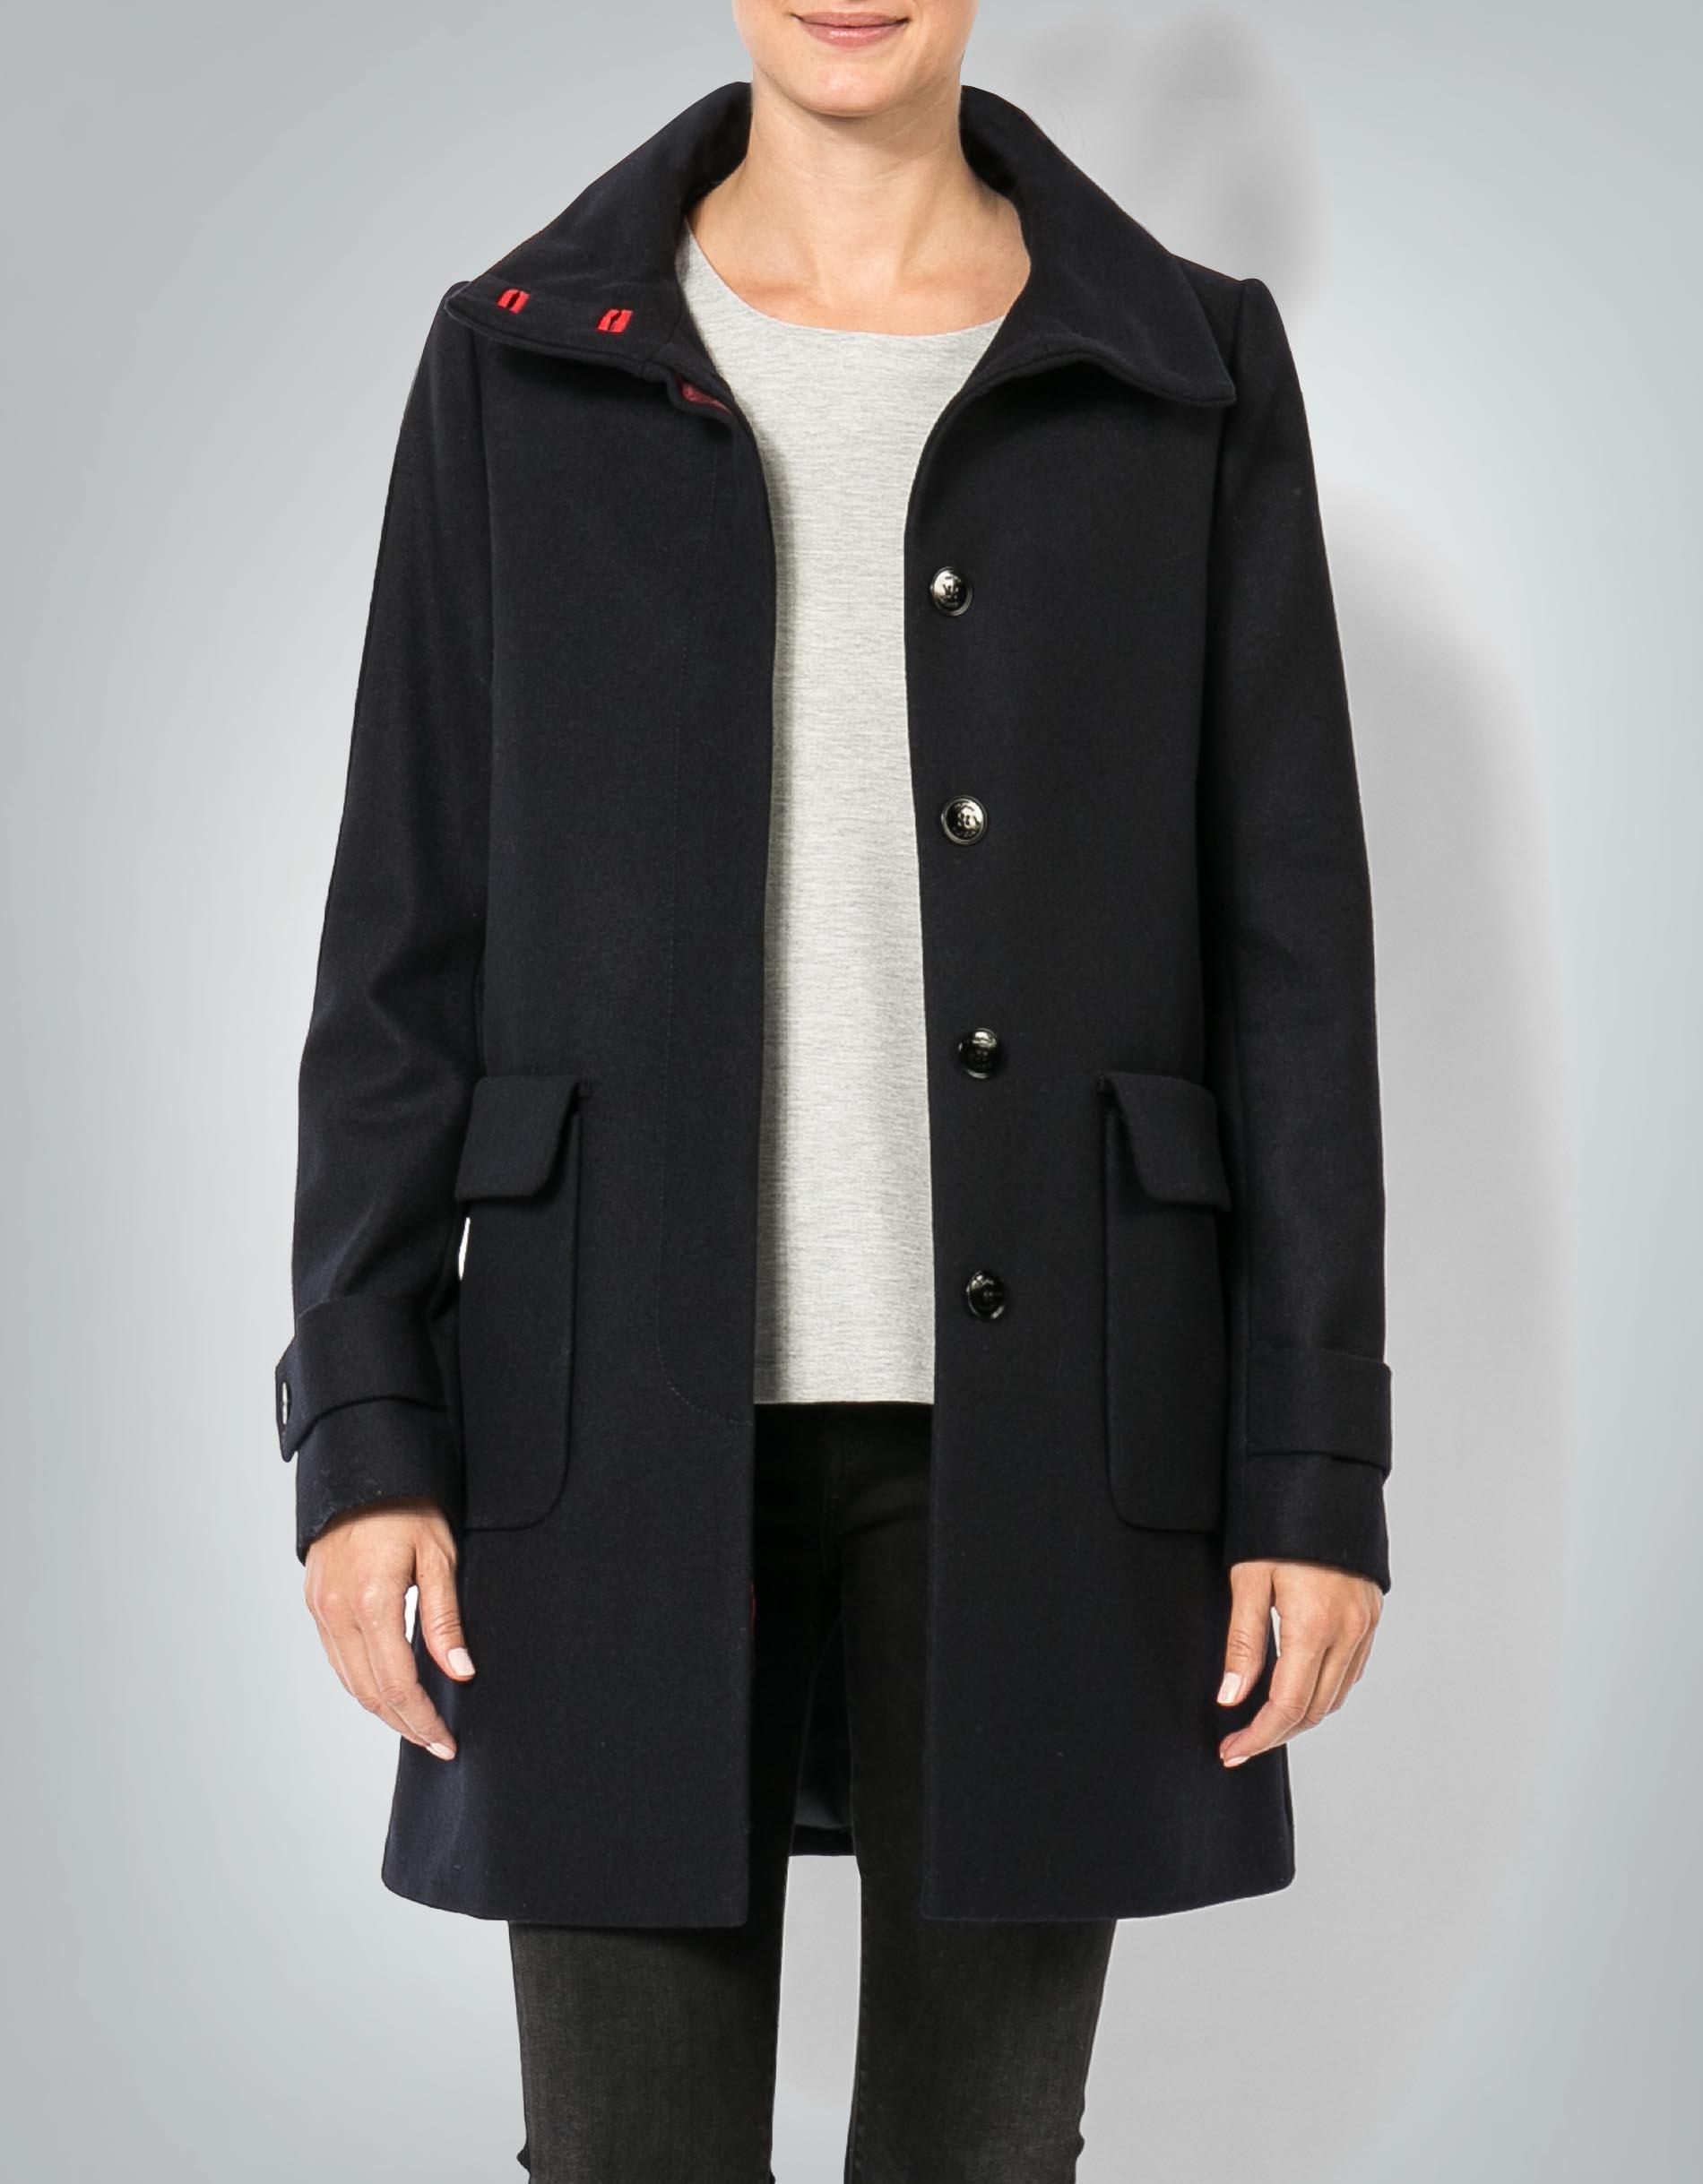 promo code 4ee83 76697 Tommy Hilfiger Damen Mantel in Woll-Qualität empfohlen von ...